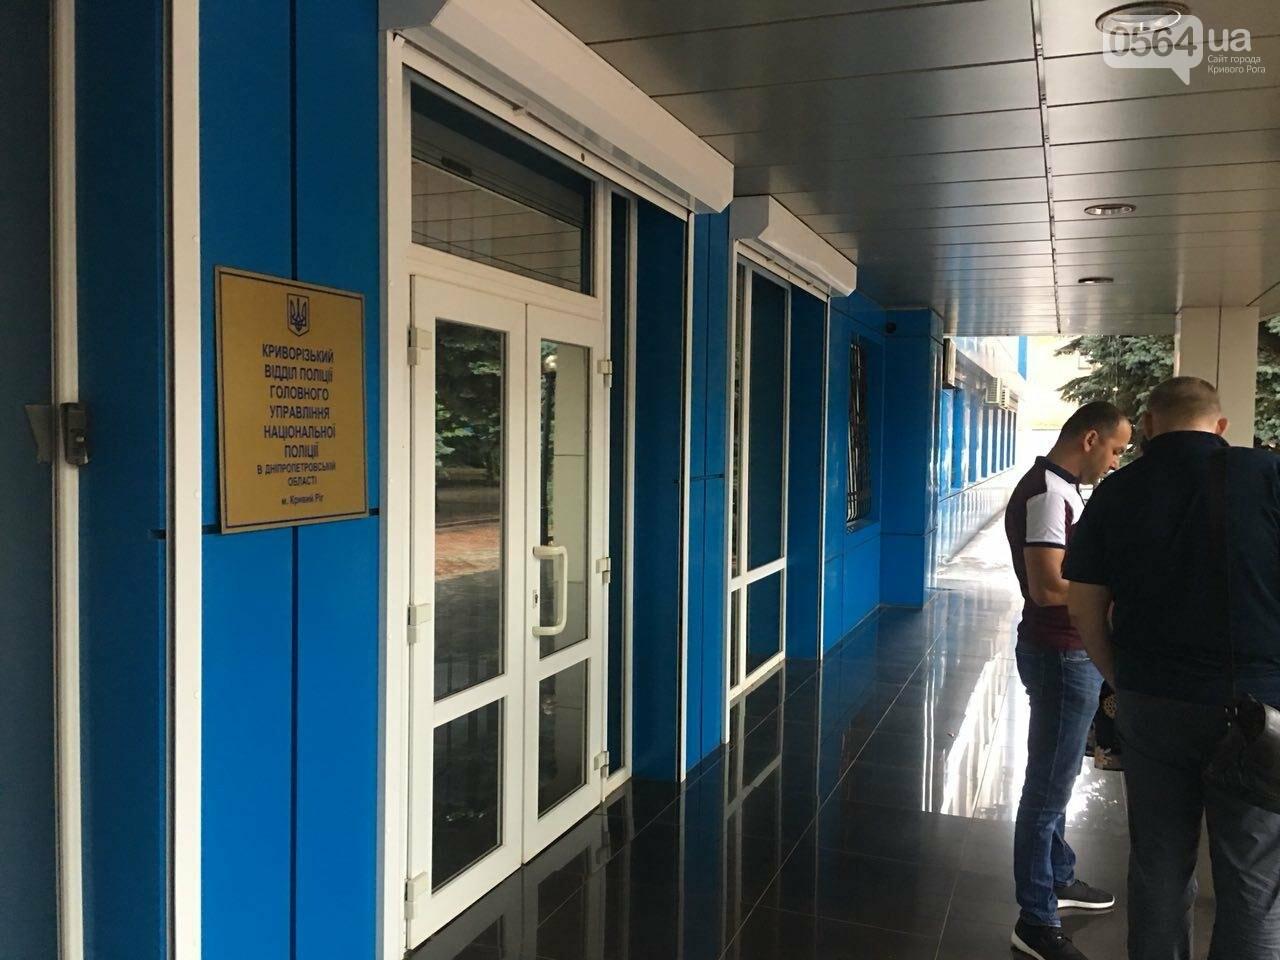 В Кривом Роге представители азербайджанской диаспоры требуют расследования нападений на их дома, - ФОТО , фото-2